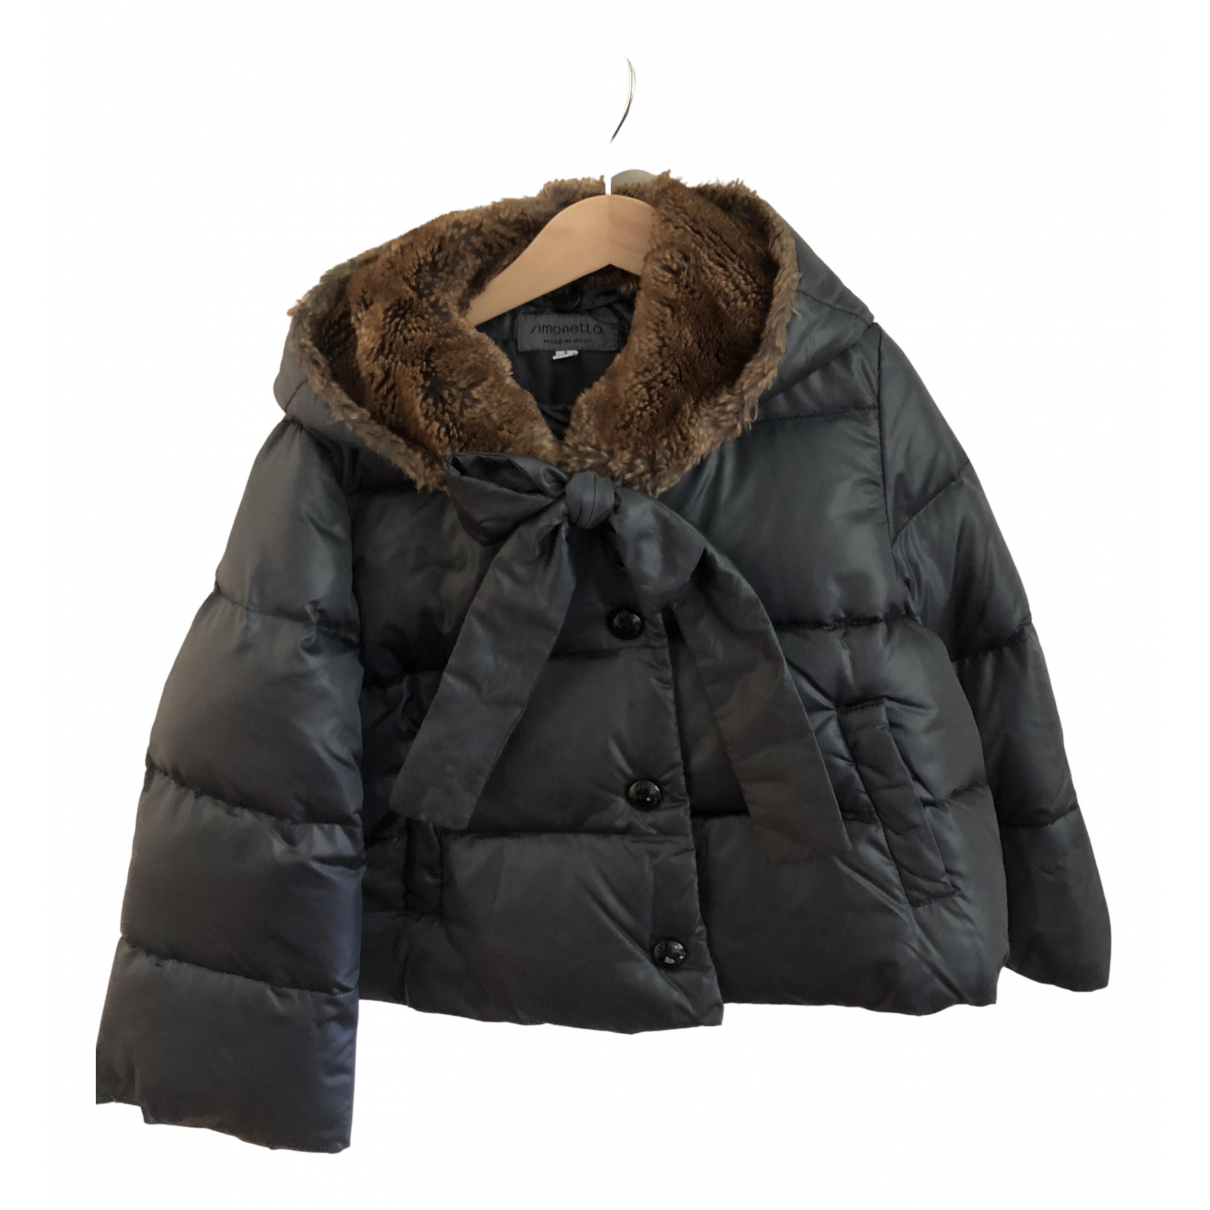 Simonetta - Blousons.Manteaux   pour enfant - gris